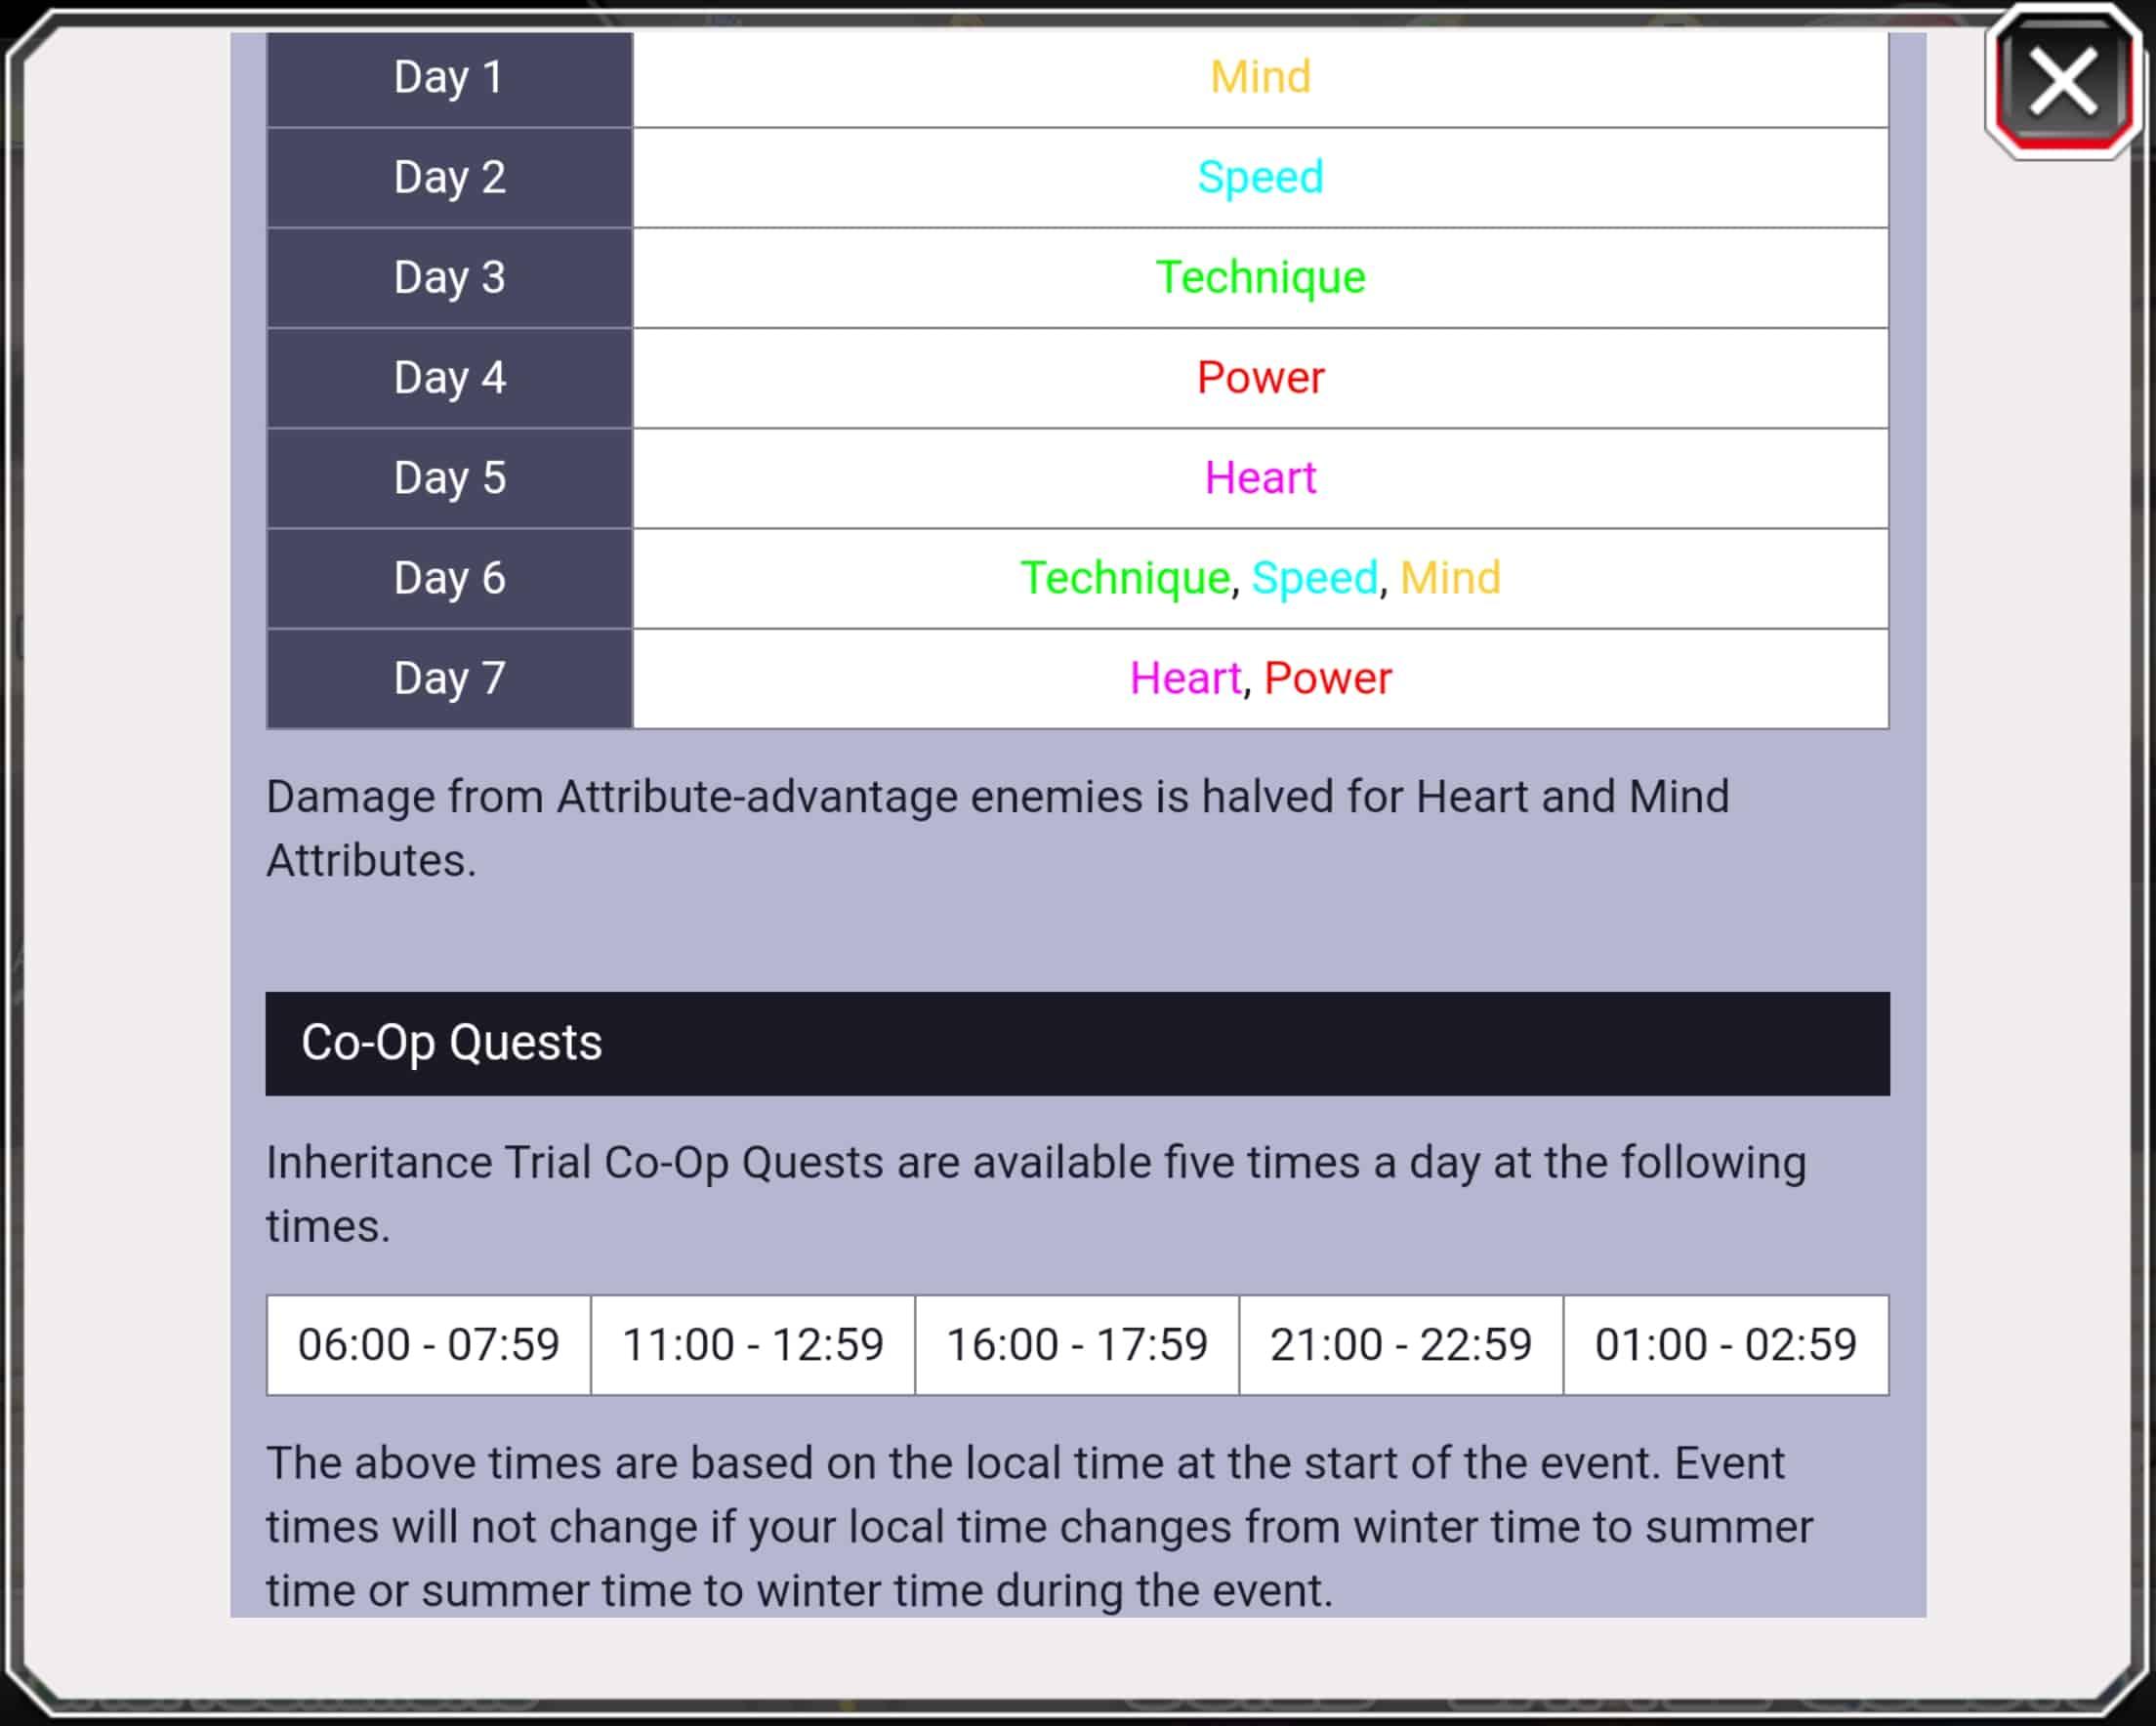 Inheritance Schedule